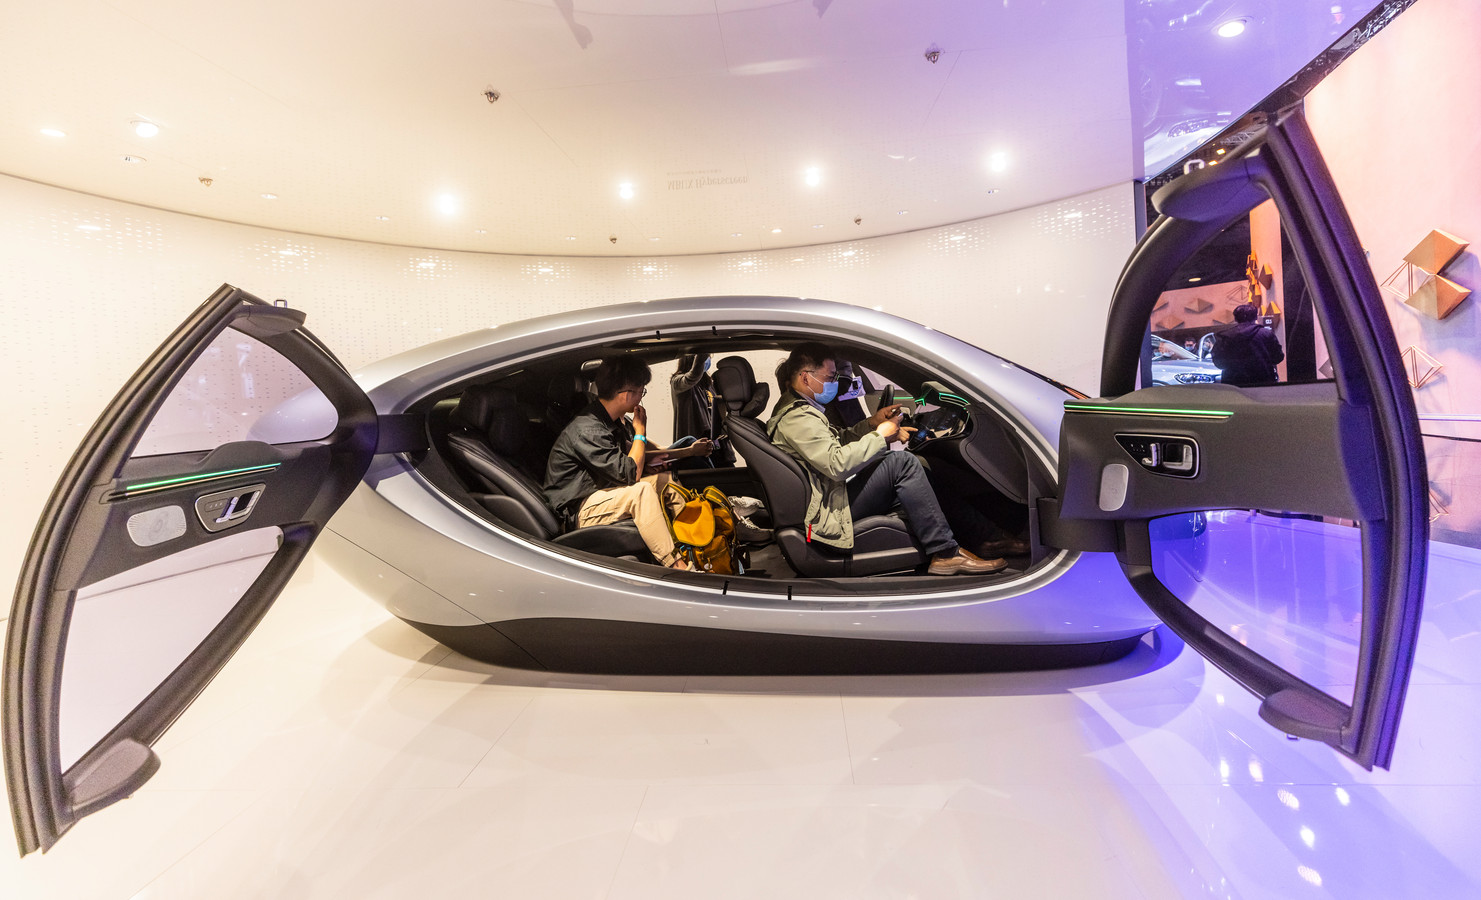 Een conceptmodel van Mercedes laat de werking van het MBUX Hyperscreen zien dat in de nieuwe elektrische EQS debuteert.